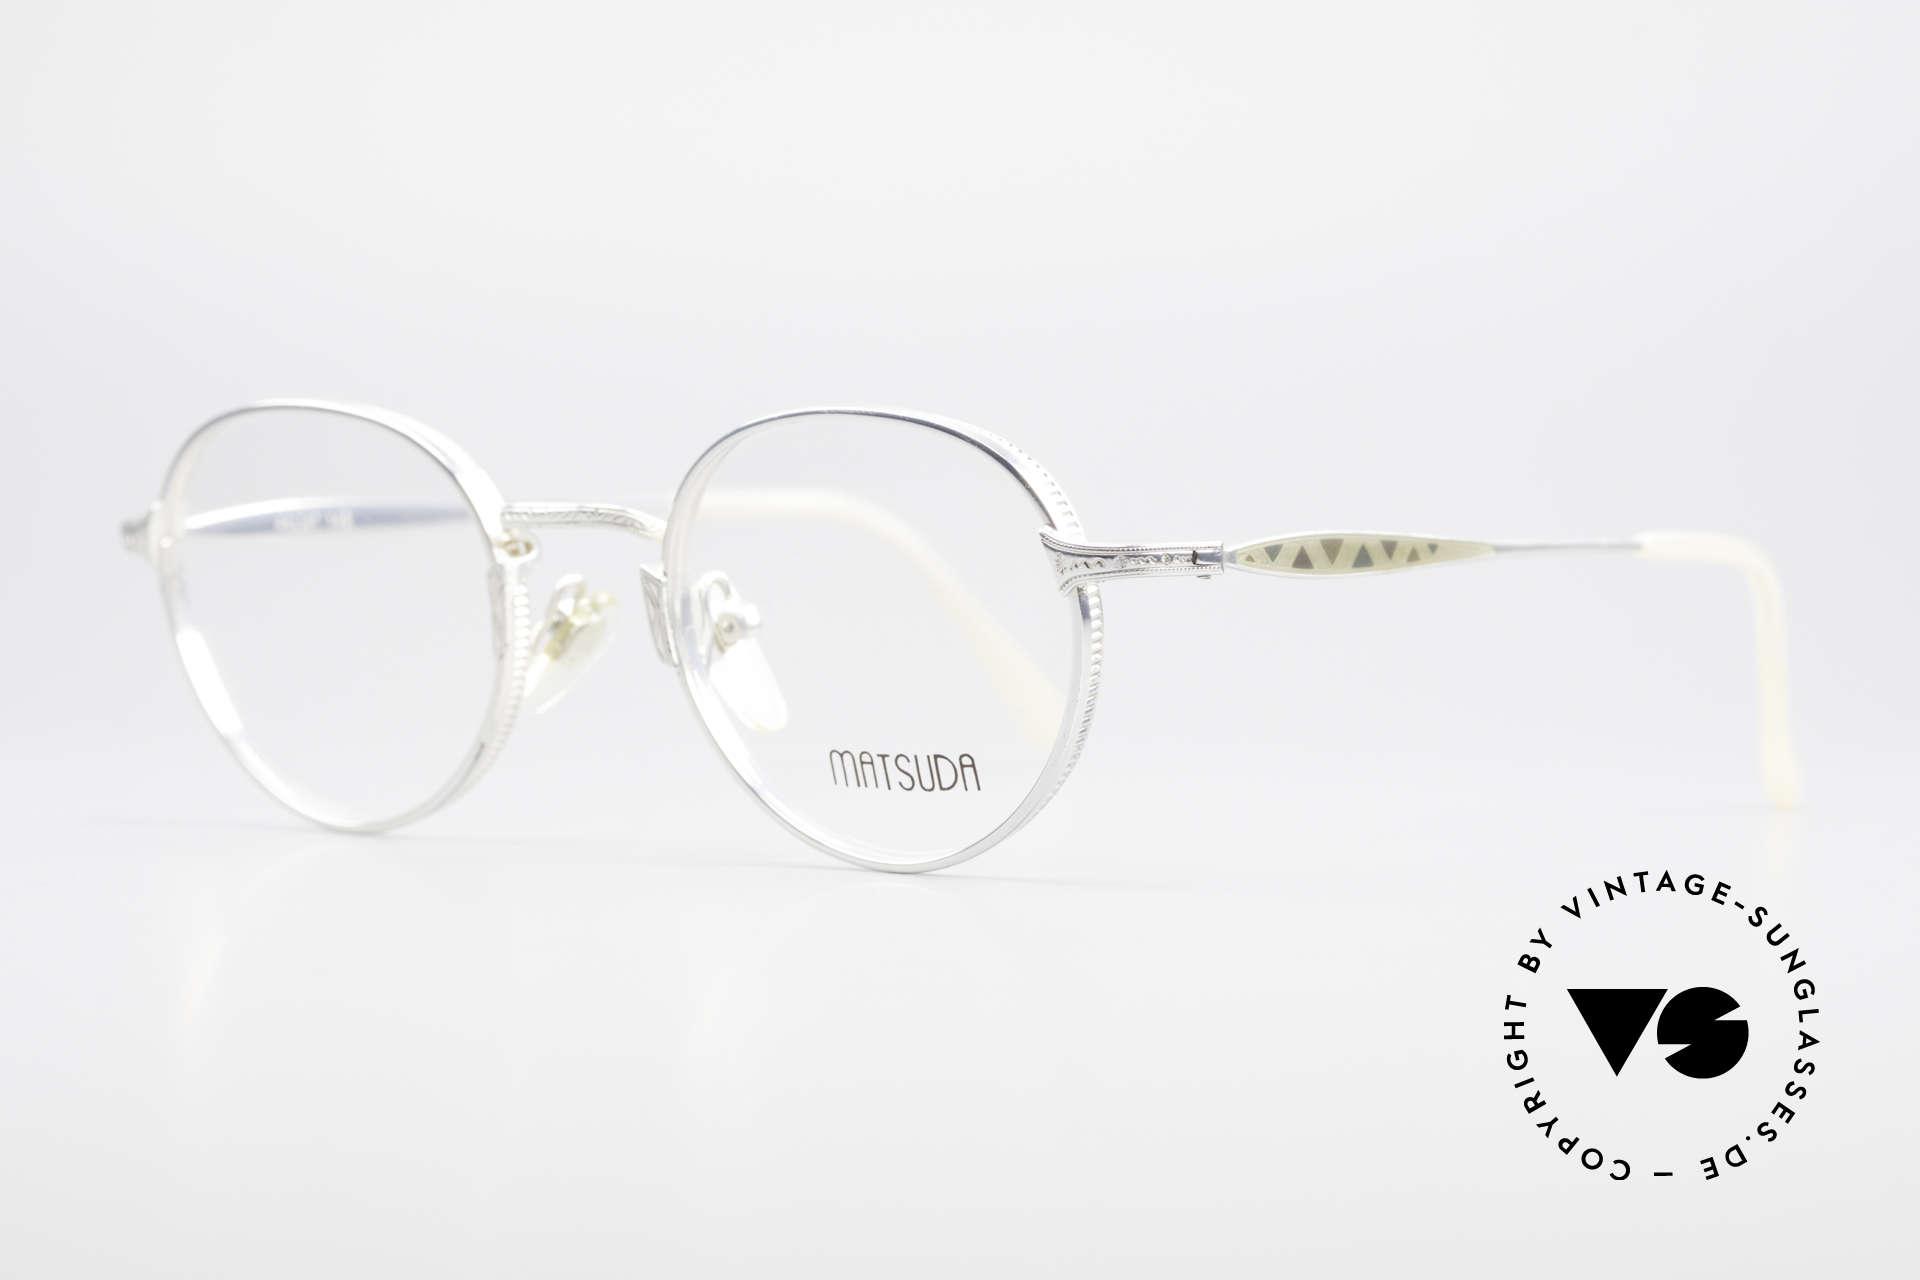 Matsuda 2858 Runde Vintage Designer Brille, Rahmen mit viel Liebe zum Detail; aufwändige Gravuren, Passend für Herren und Damen